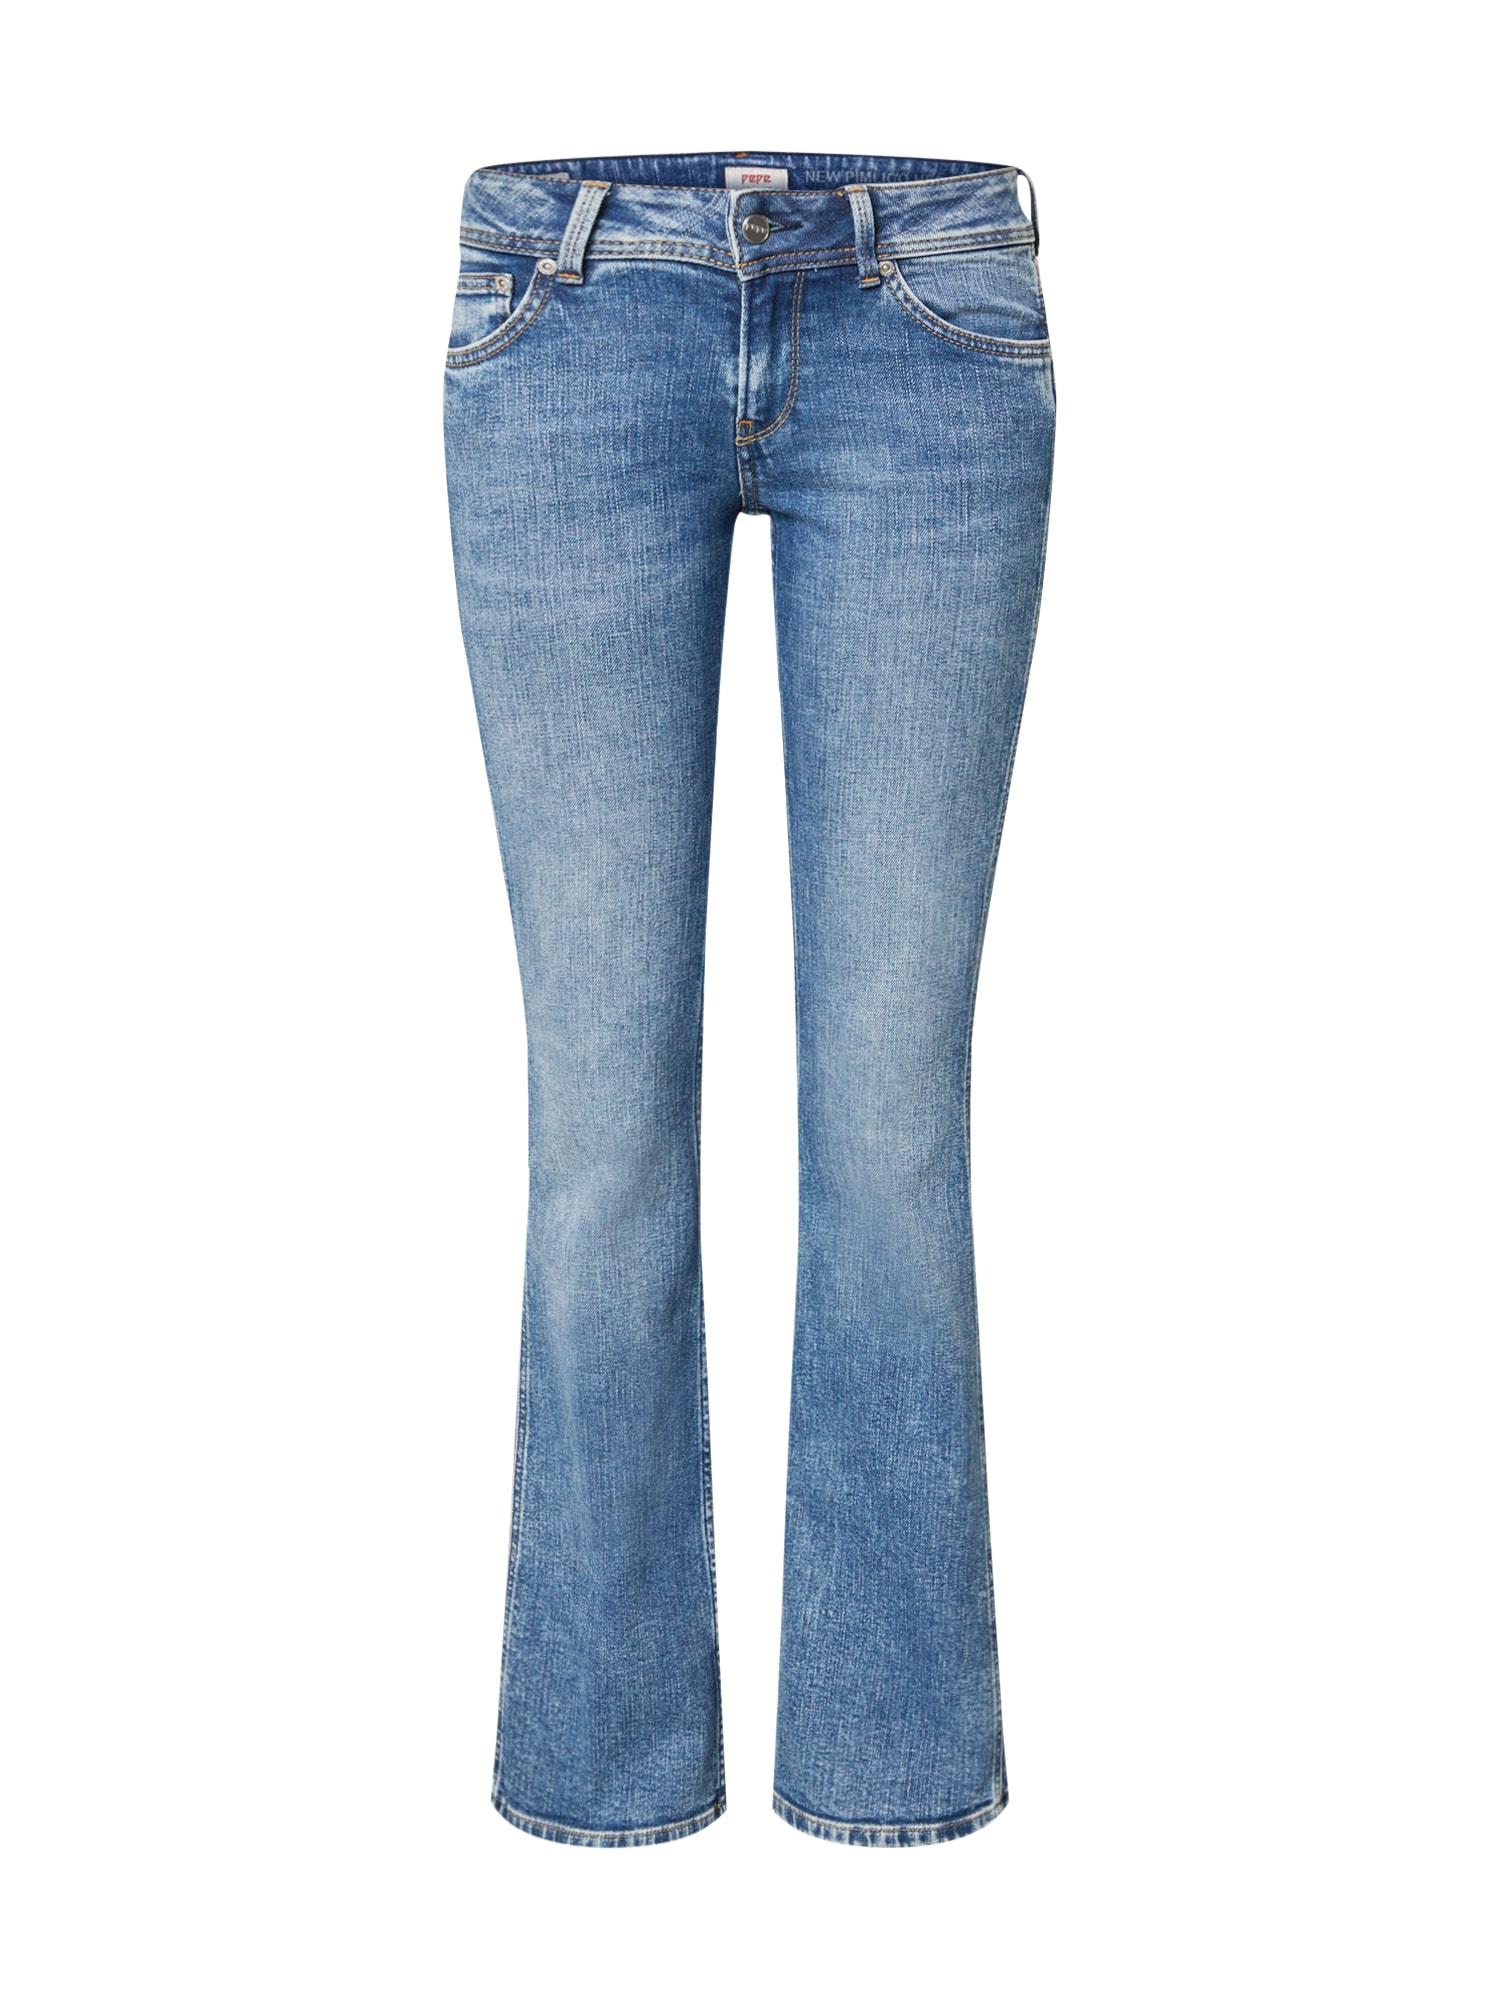 Pepe Jeans Džínsy 'New Pimlico'  modrá denim